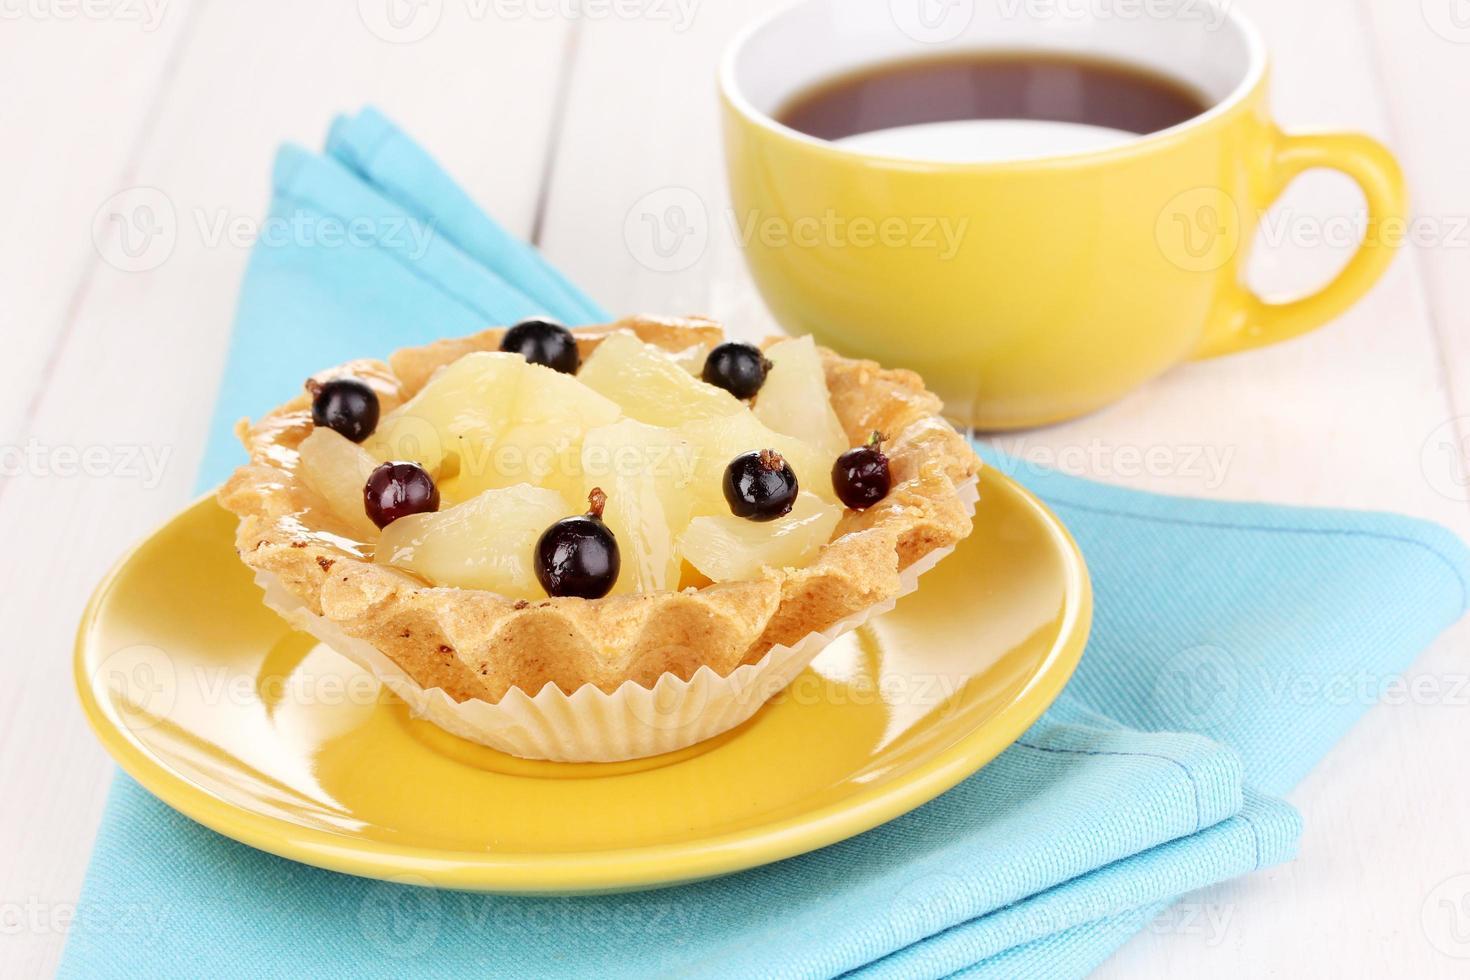 torta dolce con una tazza di tè su fondo di legno foto